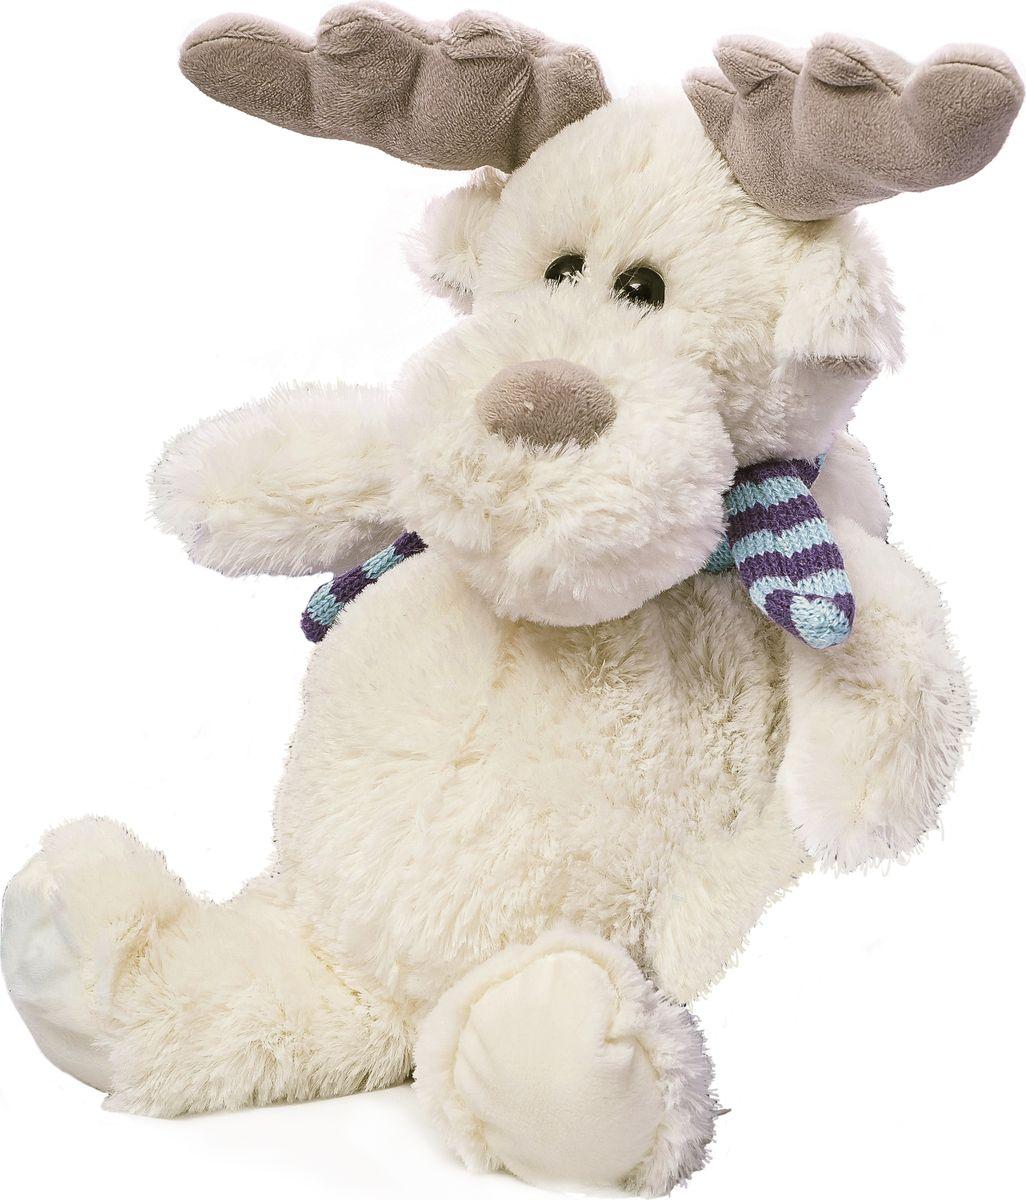 Сладкий новогодний подарок мягкая игрушка Белый олень, 500 г1606Как удивить и порадовать ребенка в главный зимний праздник? Представляем вашему вниманию необычный новогодний подарок – сладости в мягкой игрушке. Это сразу два сюрприза в одном! В качестве вкусной начинки прекрасно подобранный состав кондитерских изделий от самых известных производителей, который. Прекрасный вариант поздравления детей на утренниках в детских садах, школах и на новогодних елках.